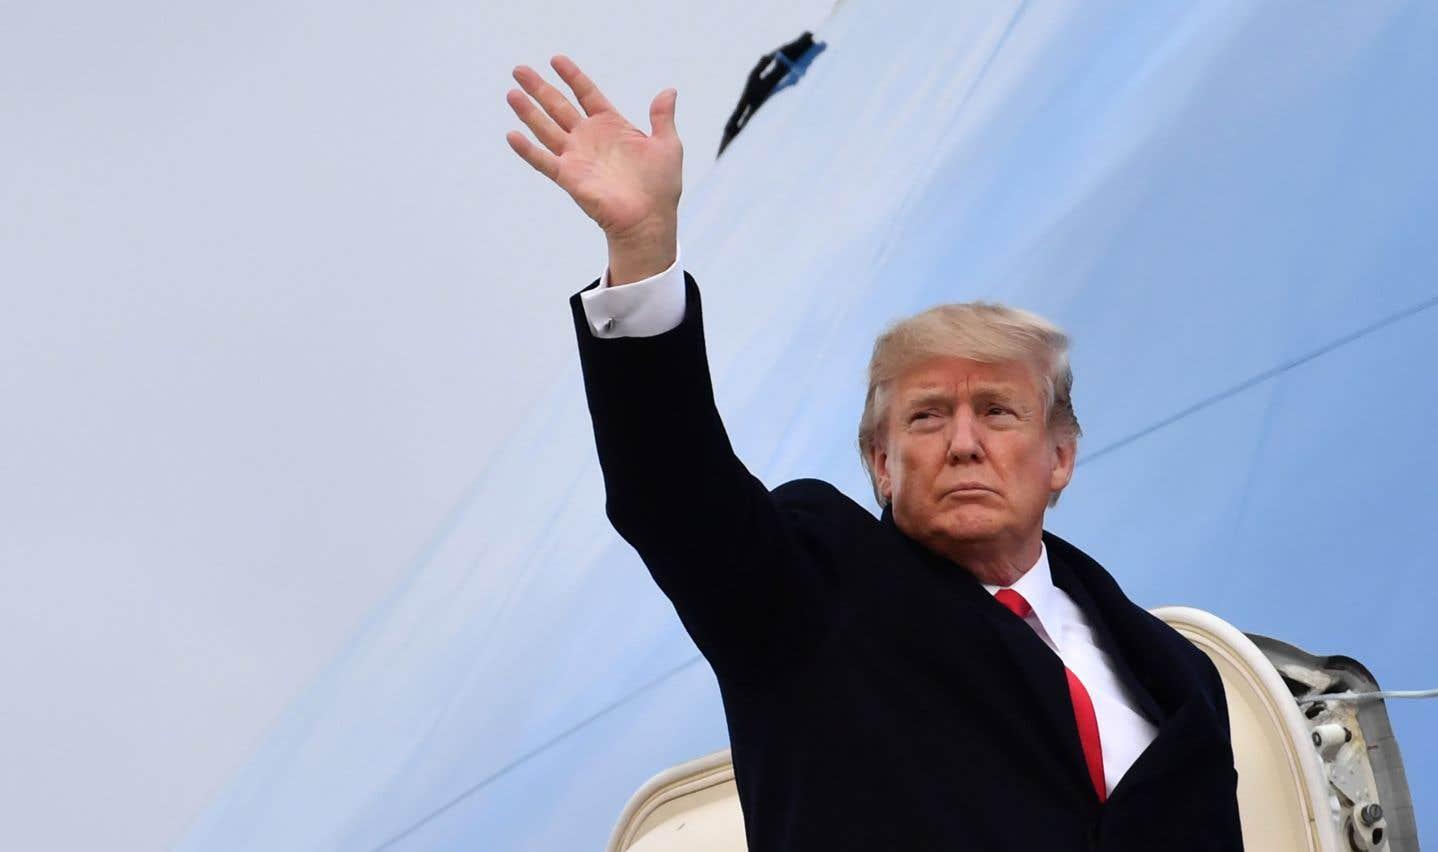 Au moment d'annoncer le retrait de son pays, en juin dernier, M. Trump avait soutenu que l'Accord de Paris serait nuisible «aux travailleurs, aux consommateurs, à l'industrie et à l'économie américains».